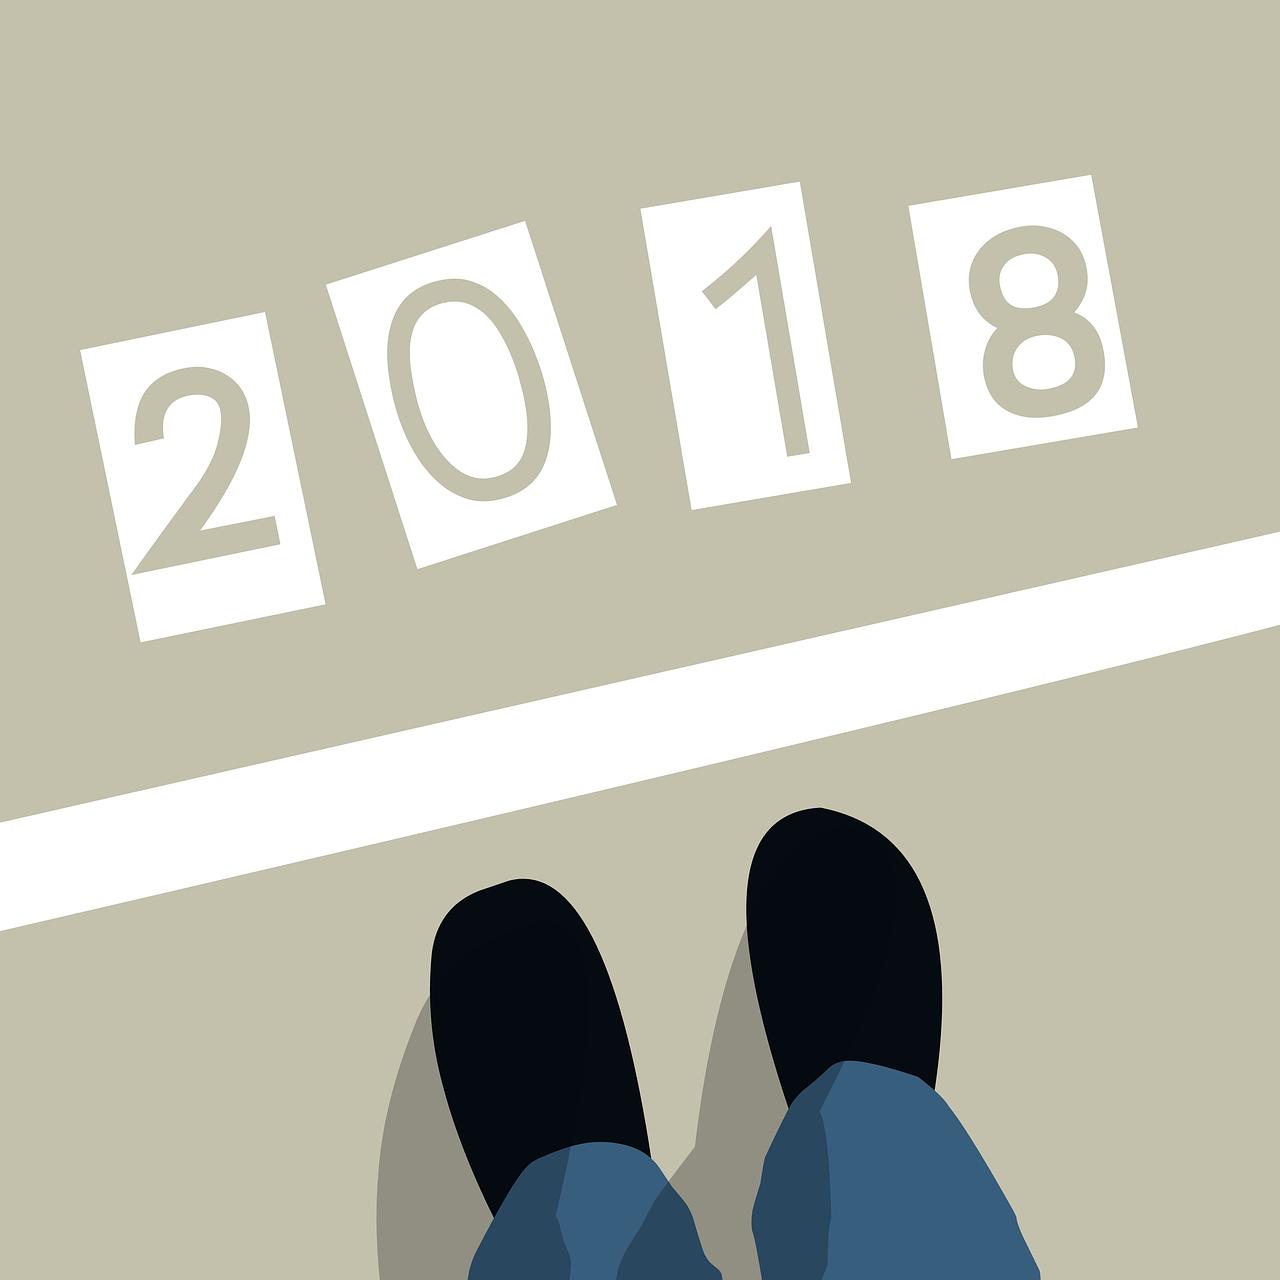 Upadłość konsumencka 2018 co się zmieni?